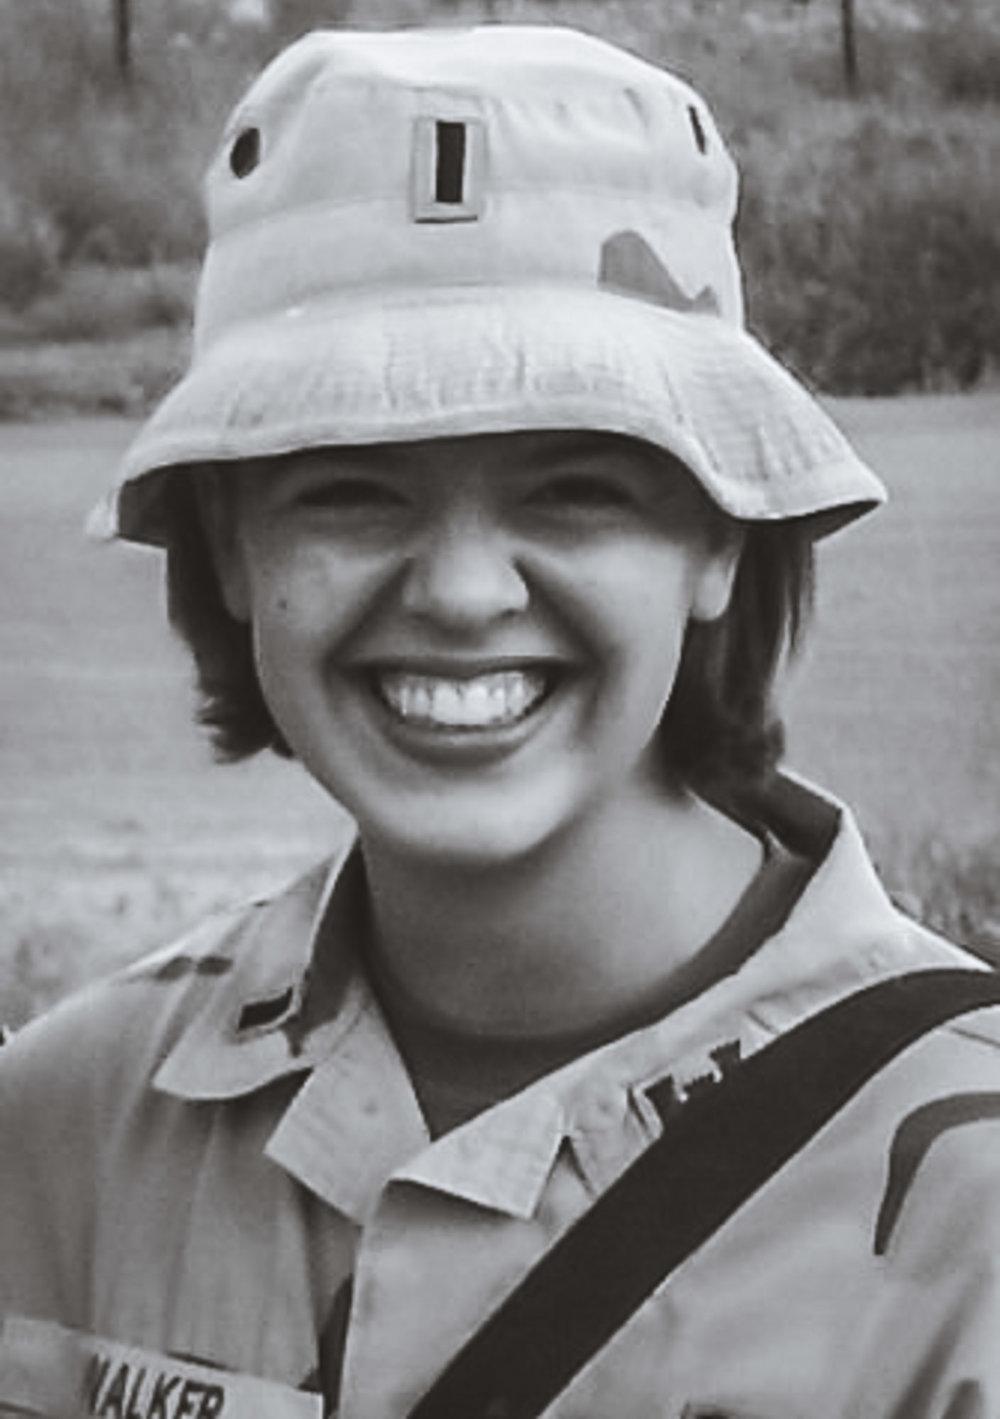 1LT Laura Walker, USMA '03